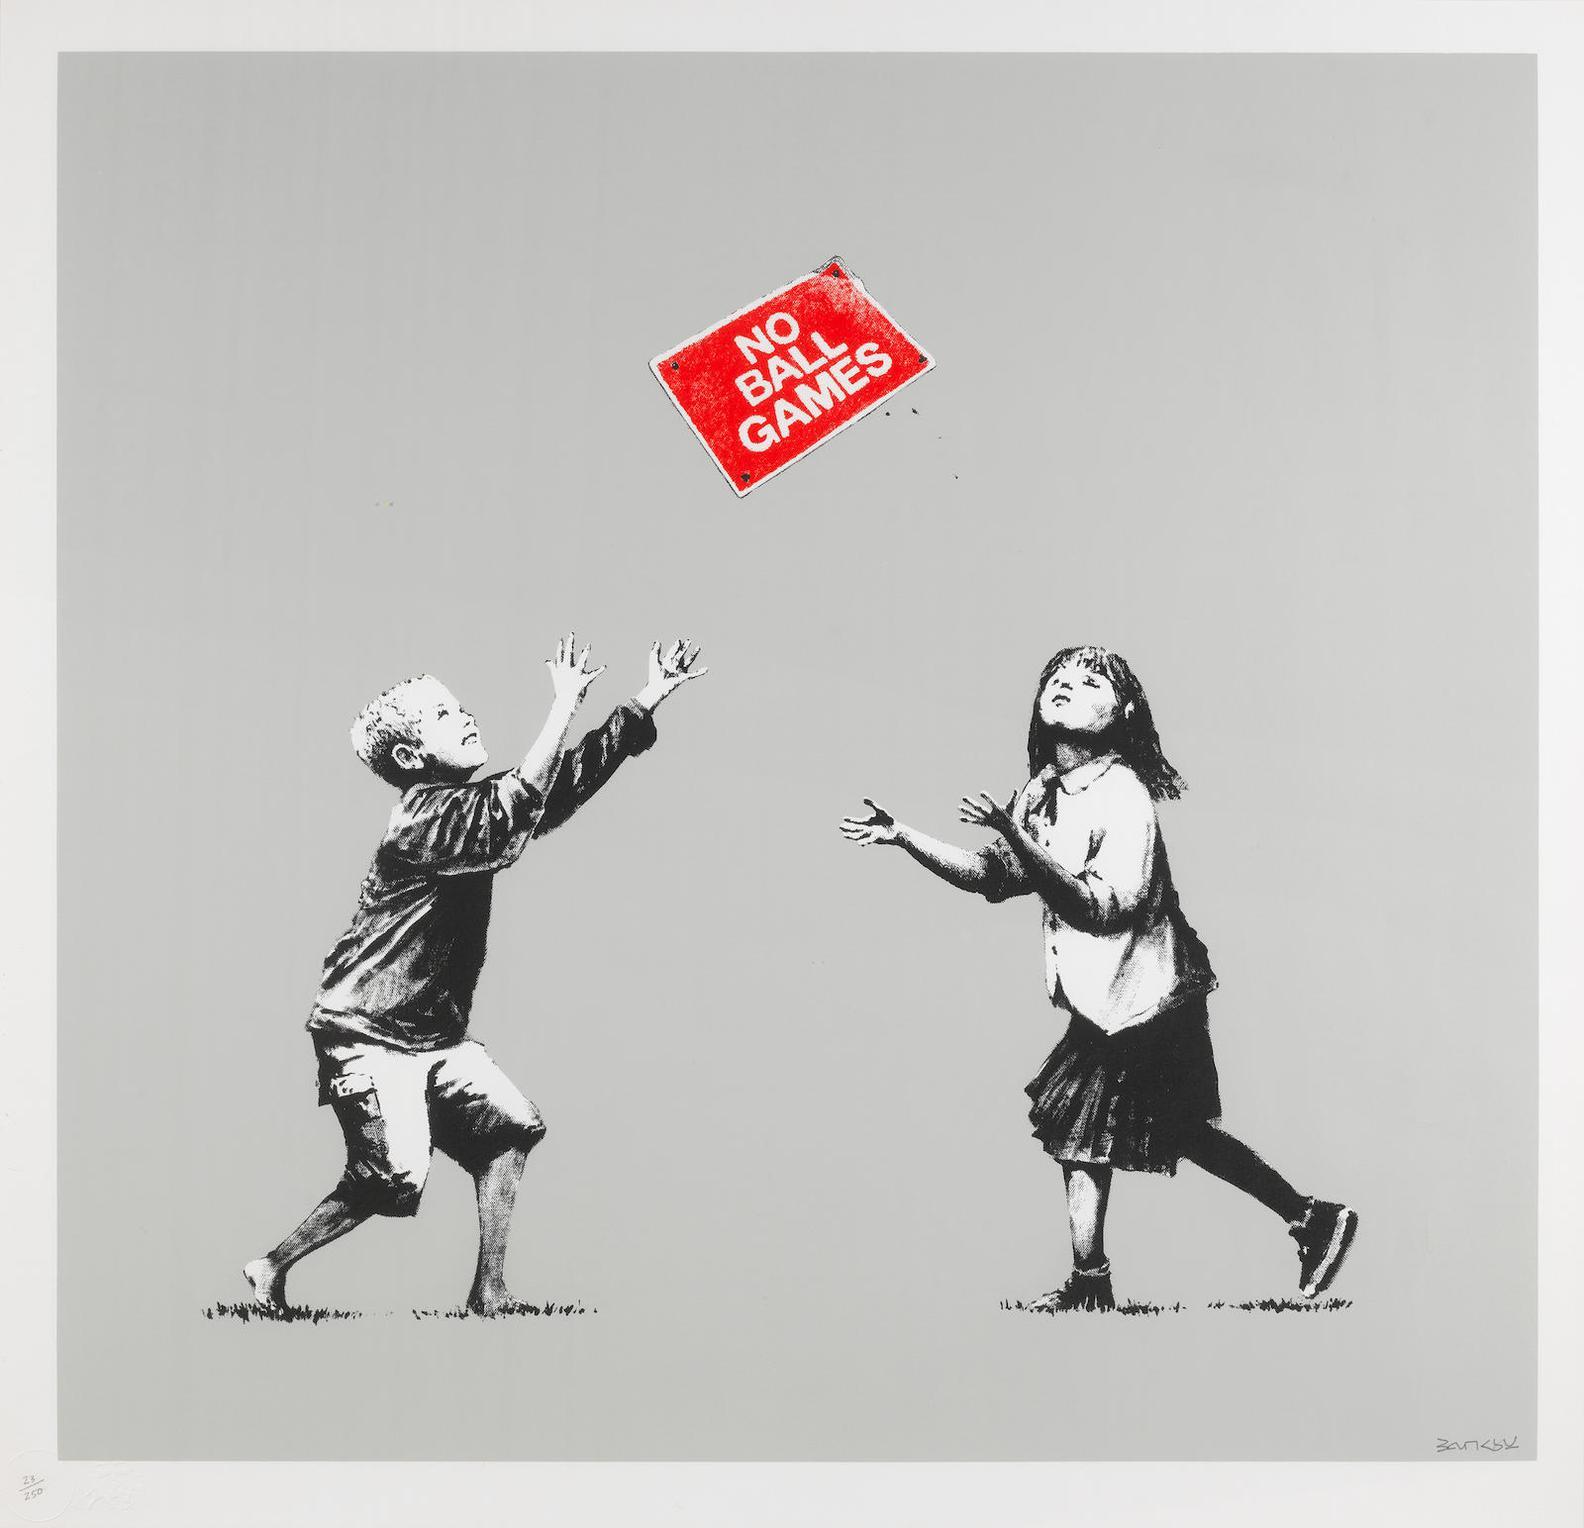 Banksy-No Ball Games-2009